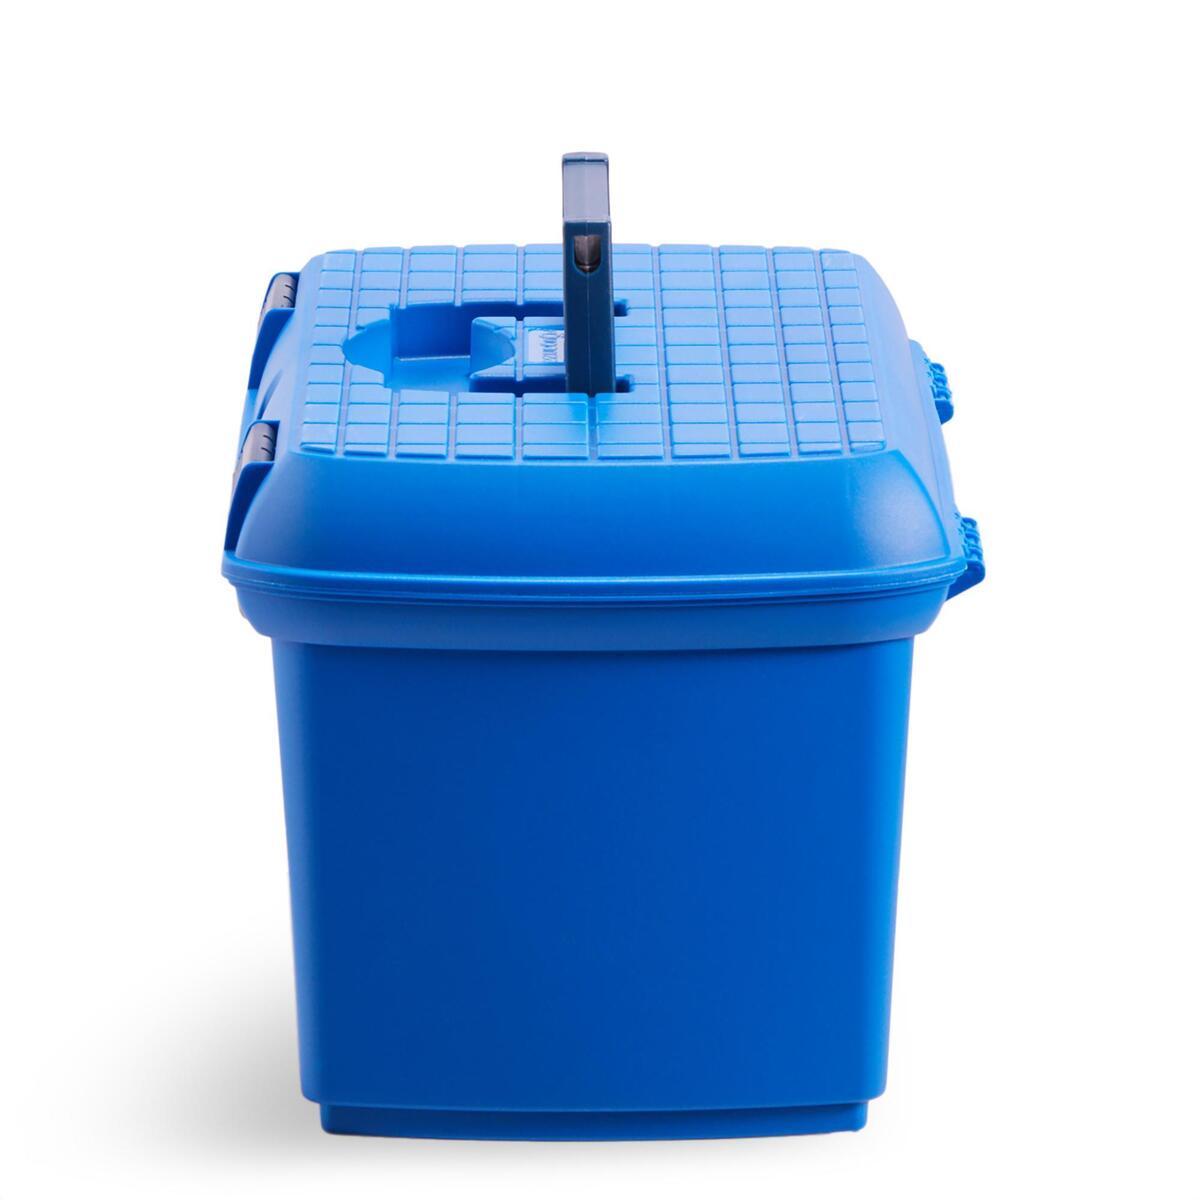 Bild 3 von Putzkasten 500 Reiten electric blue/marineblau